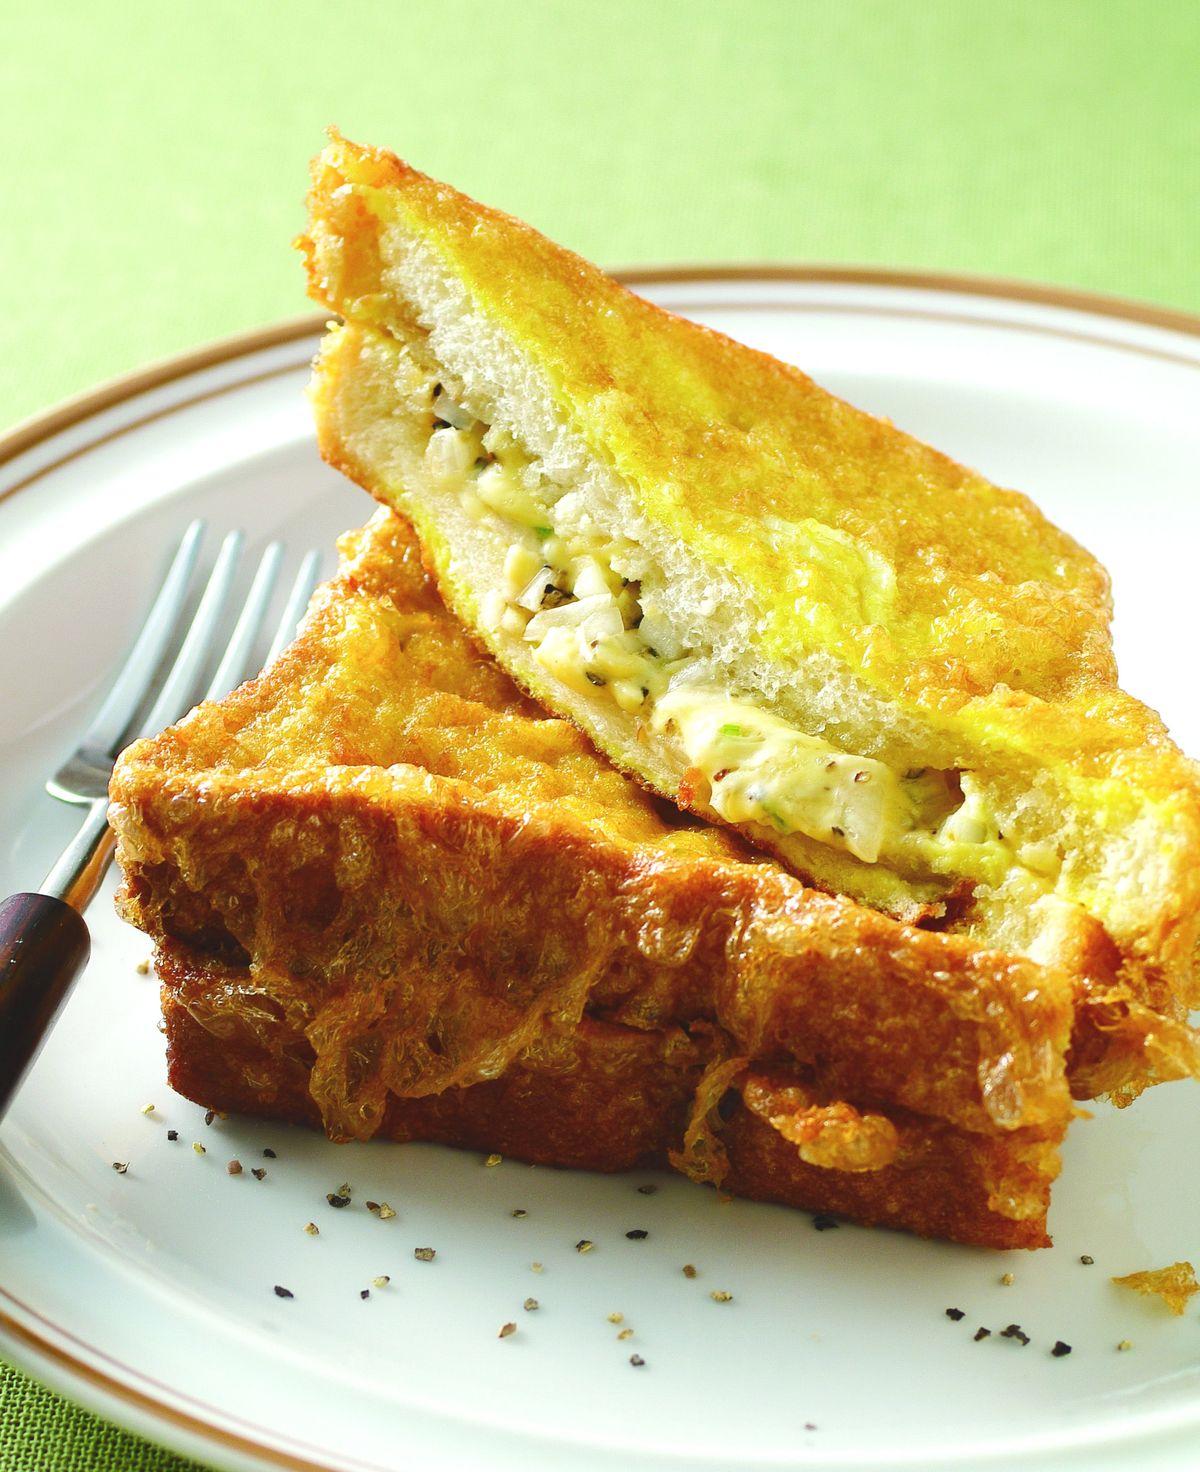 食譜:芝士洋蔥土司夾